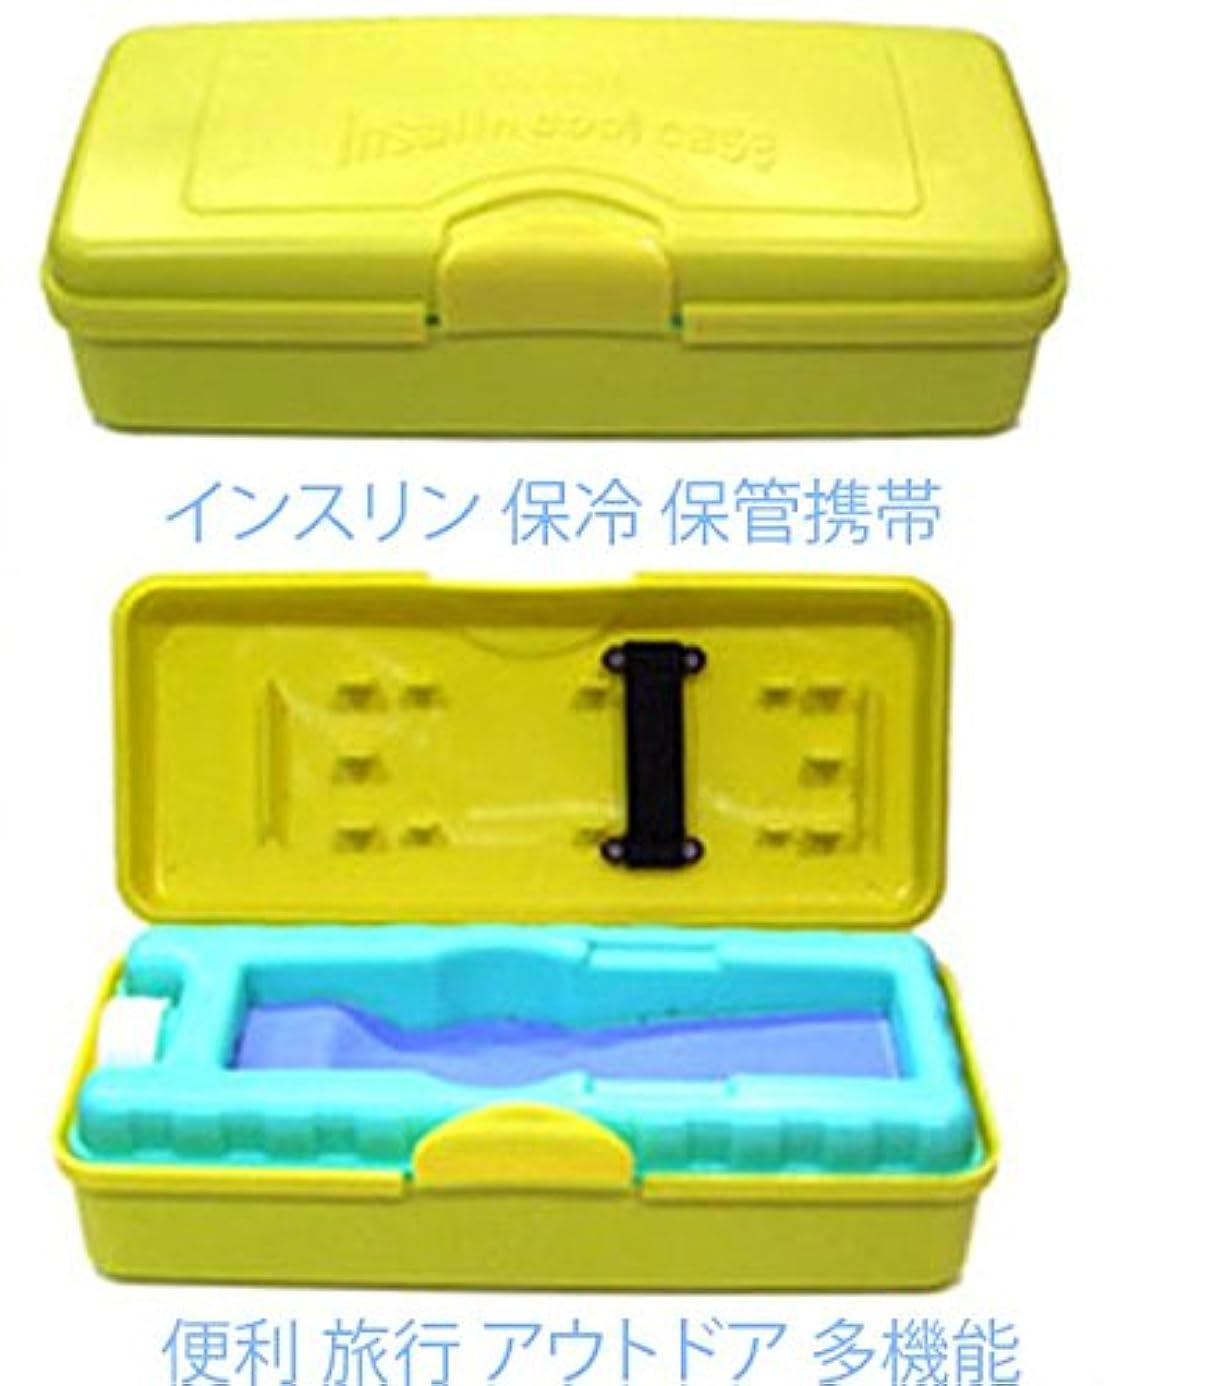 チャンピオン何かまたインスリン保管箱、、インスリンポーチ 保冷 携帯 に 便利 旅行 アウトドア 多機能